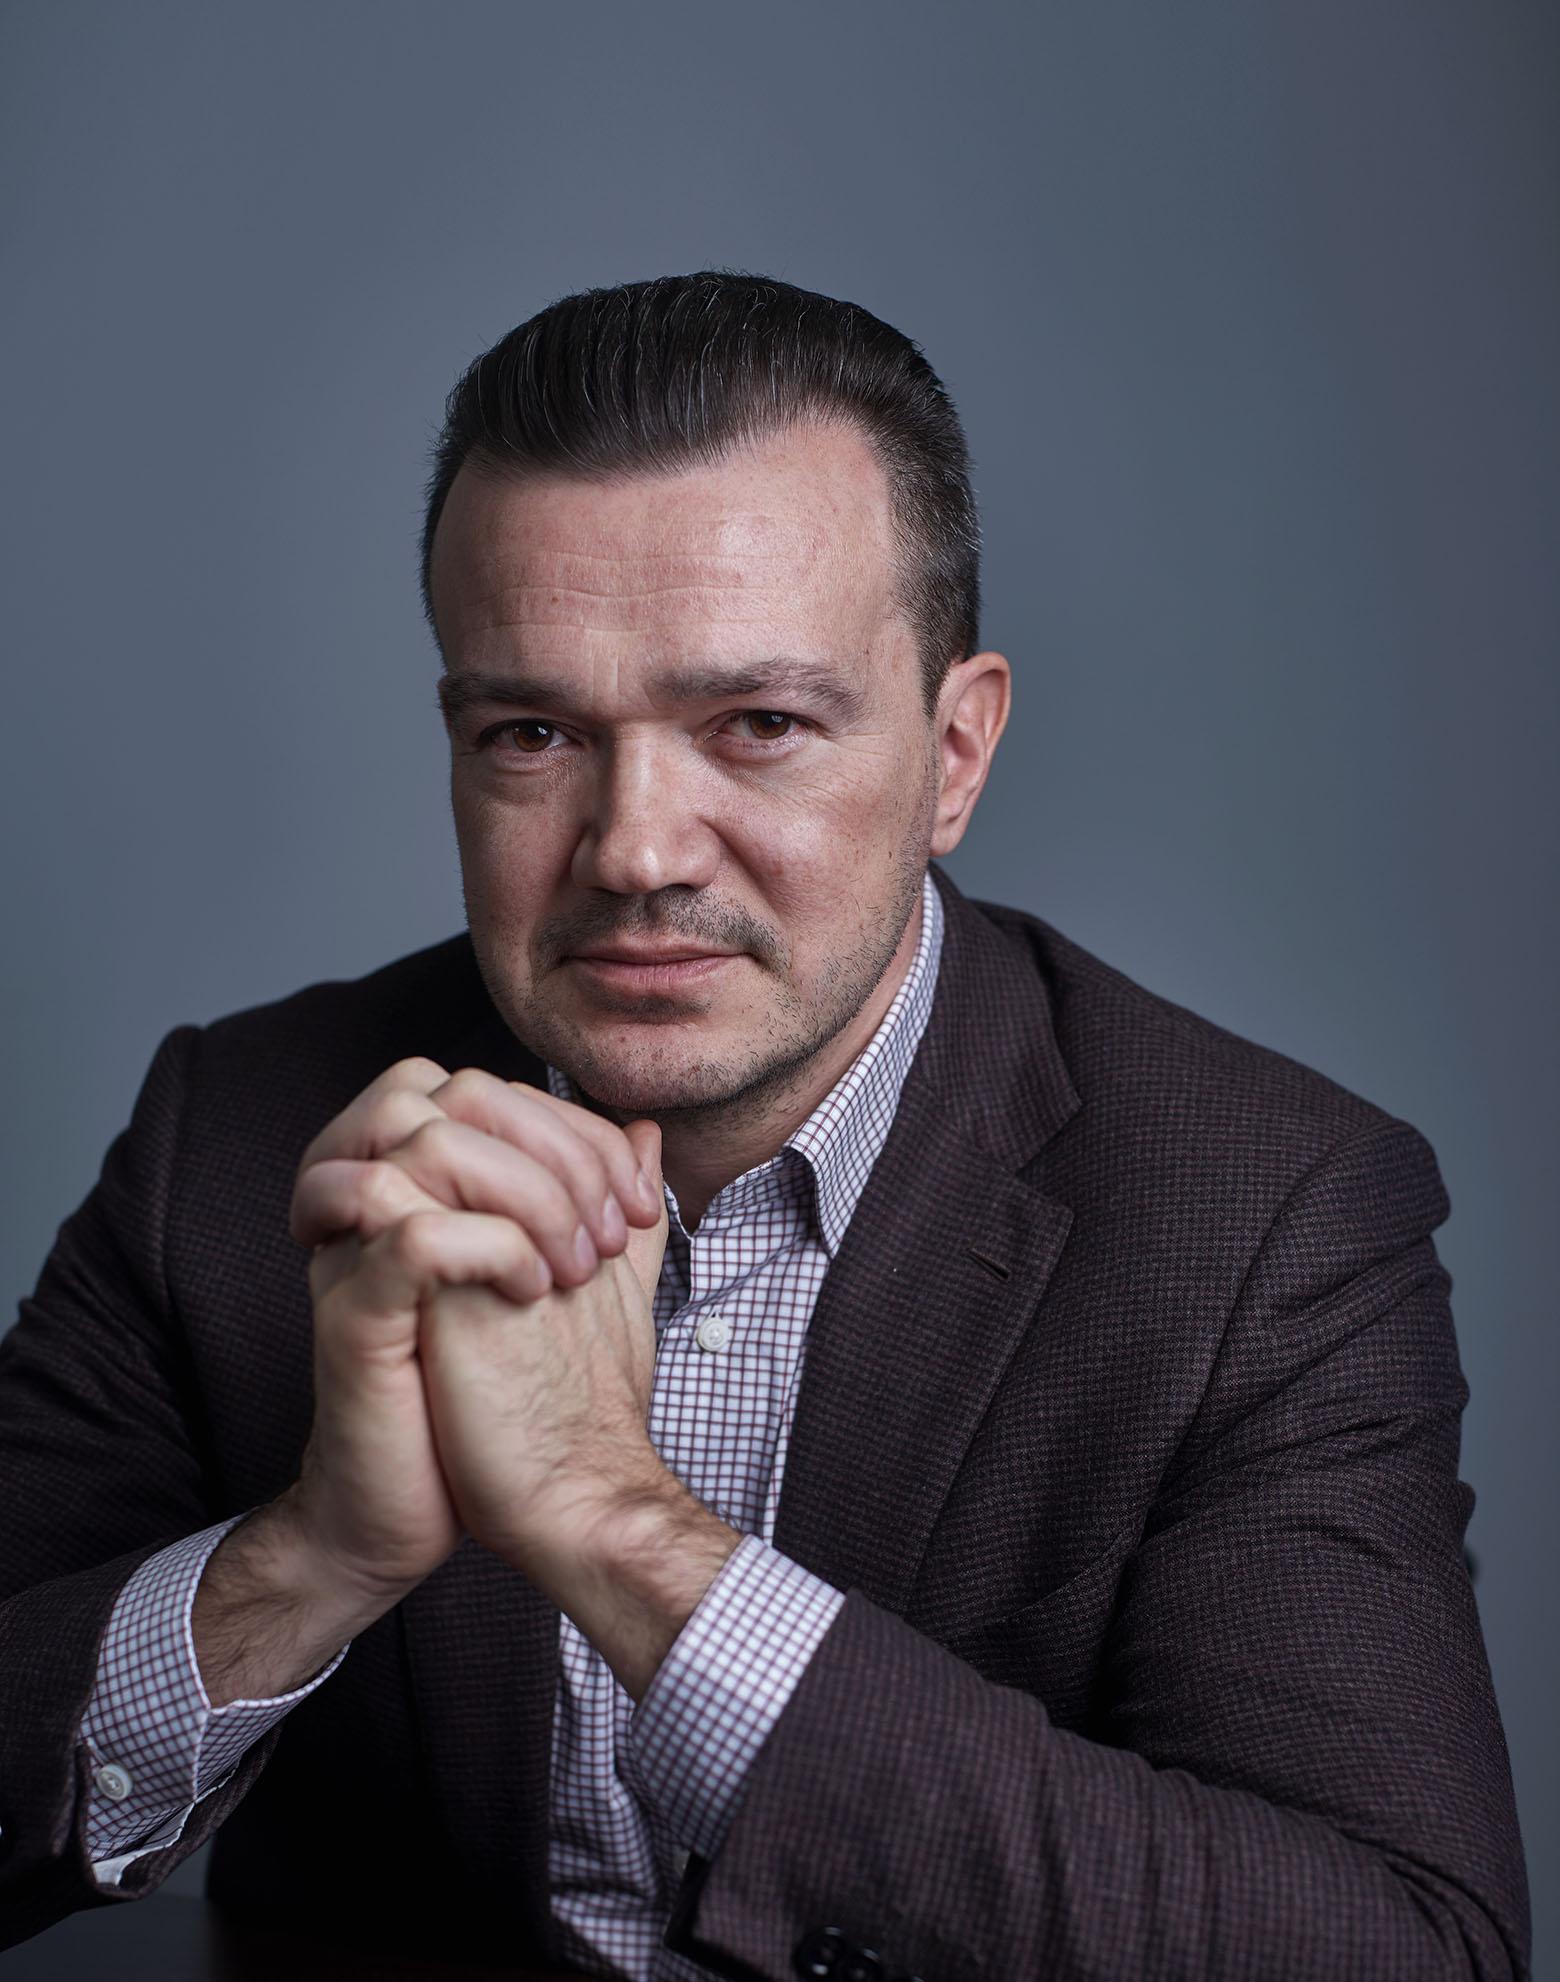 старший партнер «Алейников и партнеры» Денис Алейников